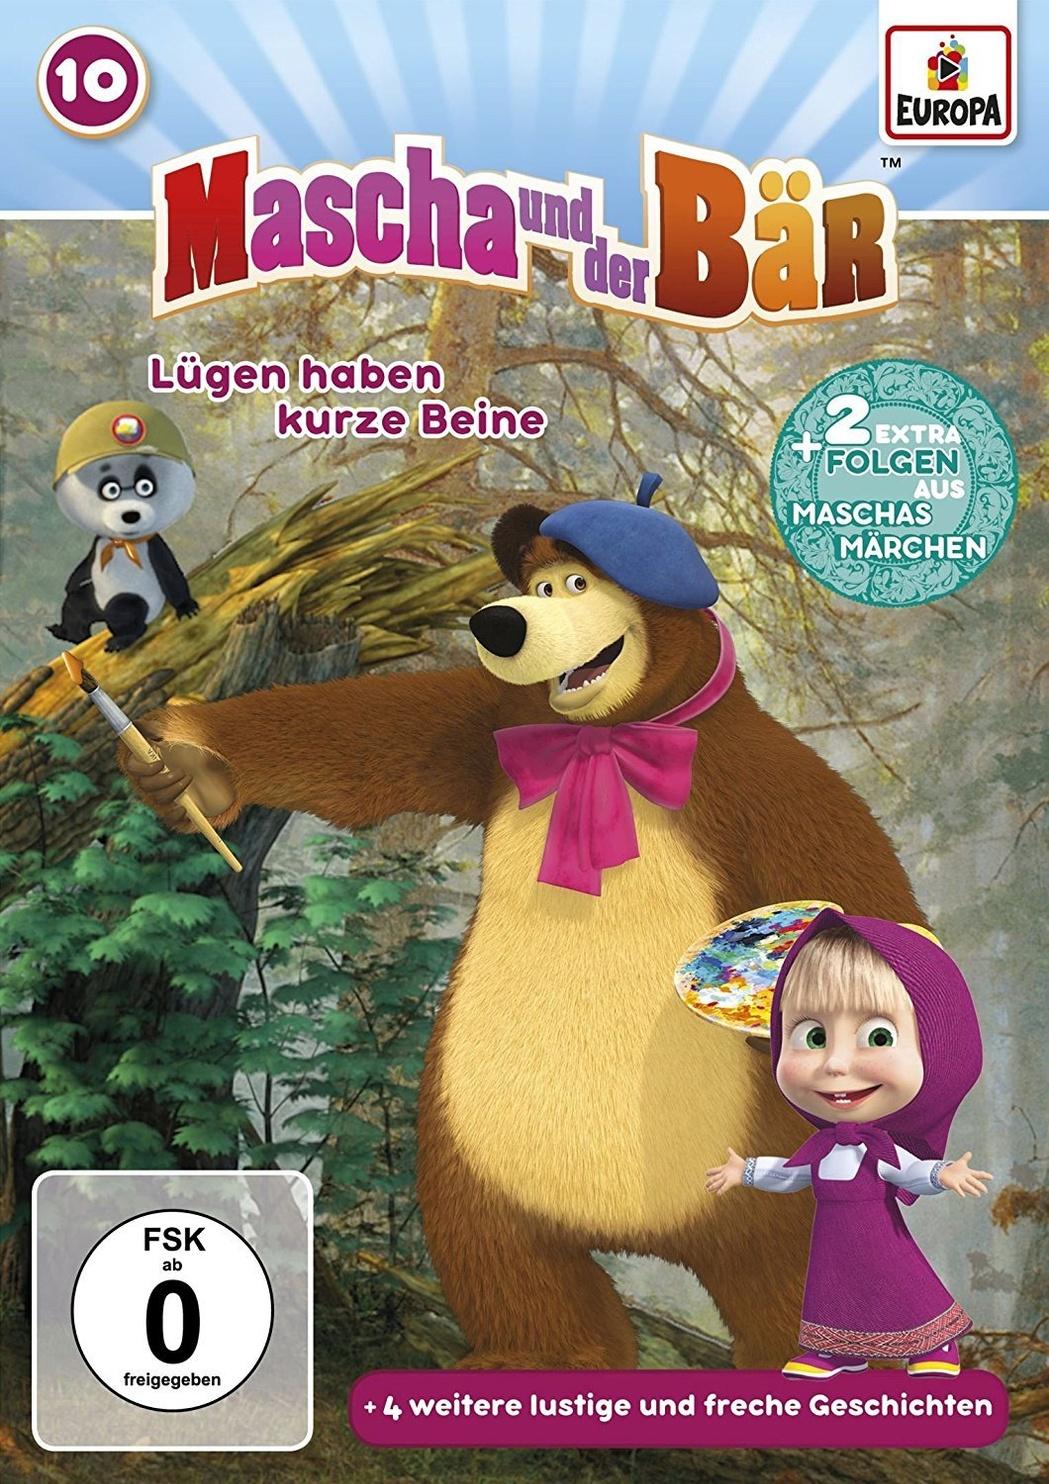 mascha und der bär  lügen haben kurze beine dvd  weltbildat